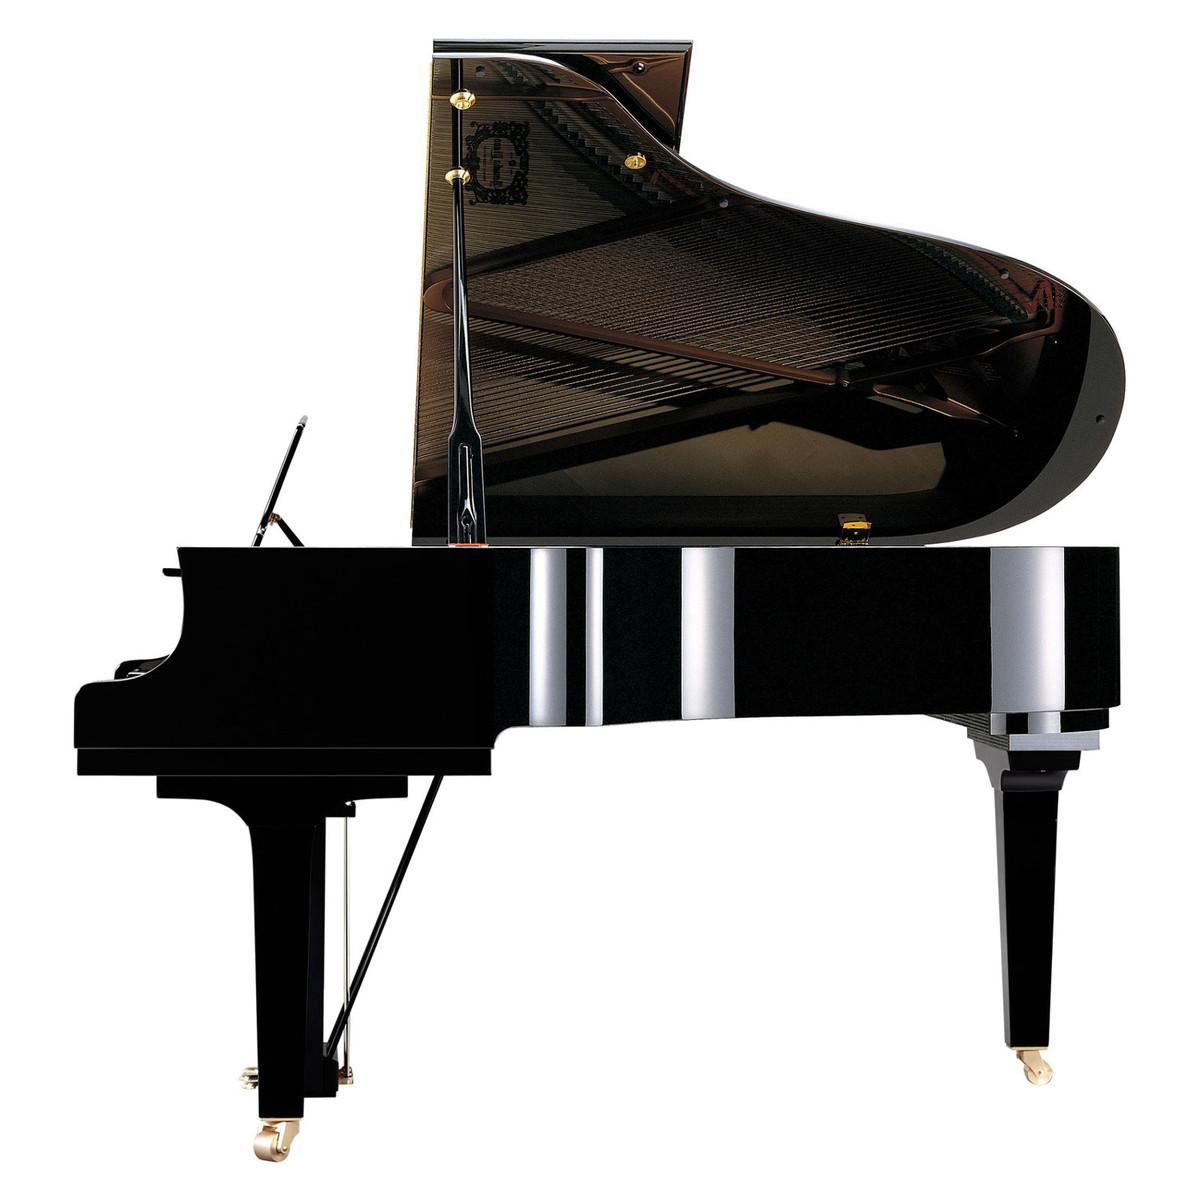 Yamaha C Concert Grand Piano Price